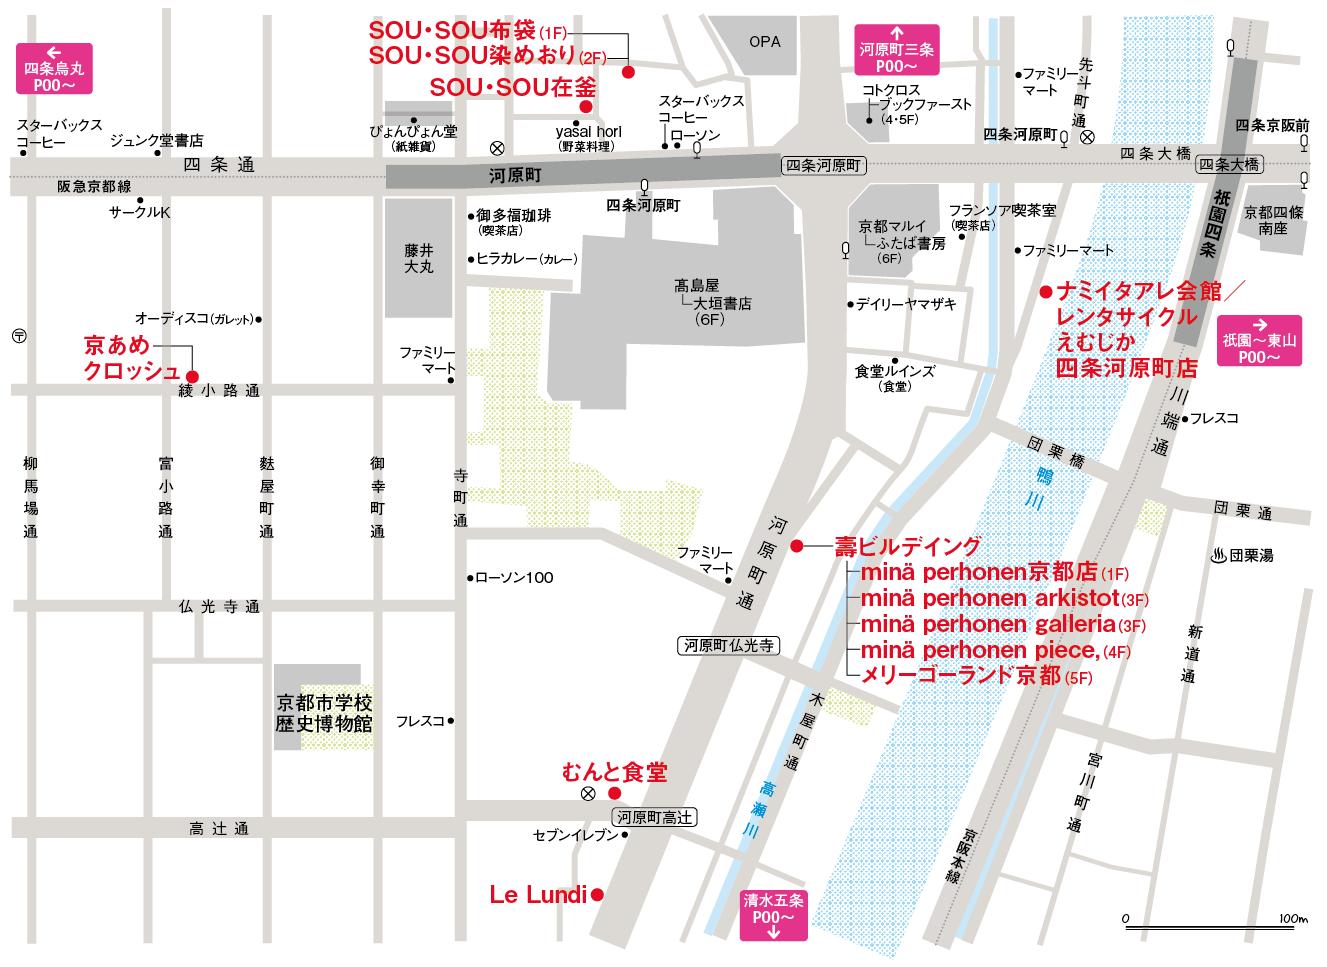 京都アート&カルチャーMAP_c0141005_14162745.png